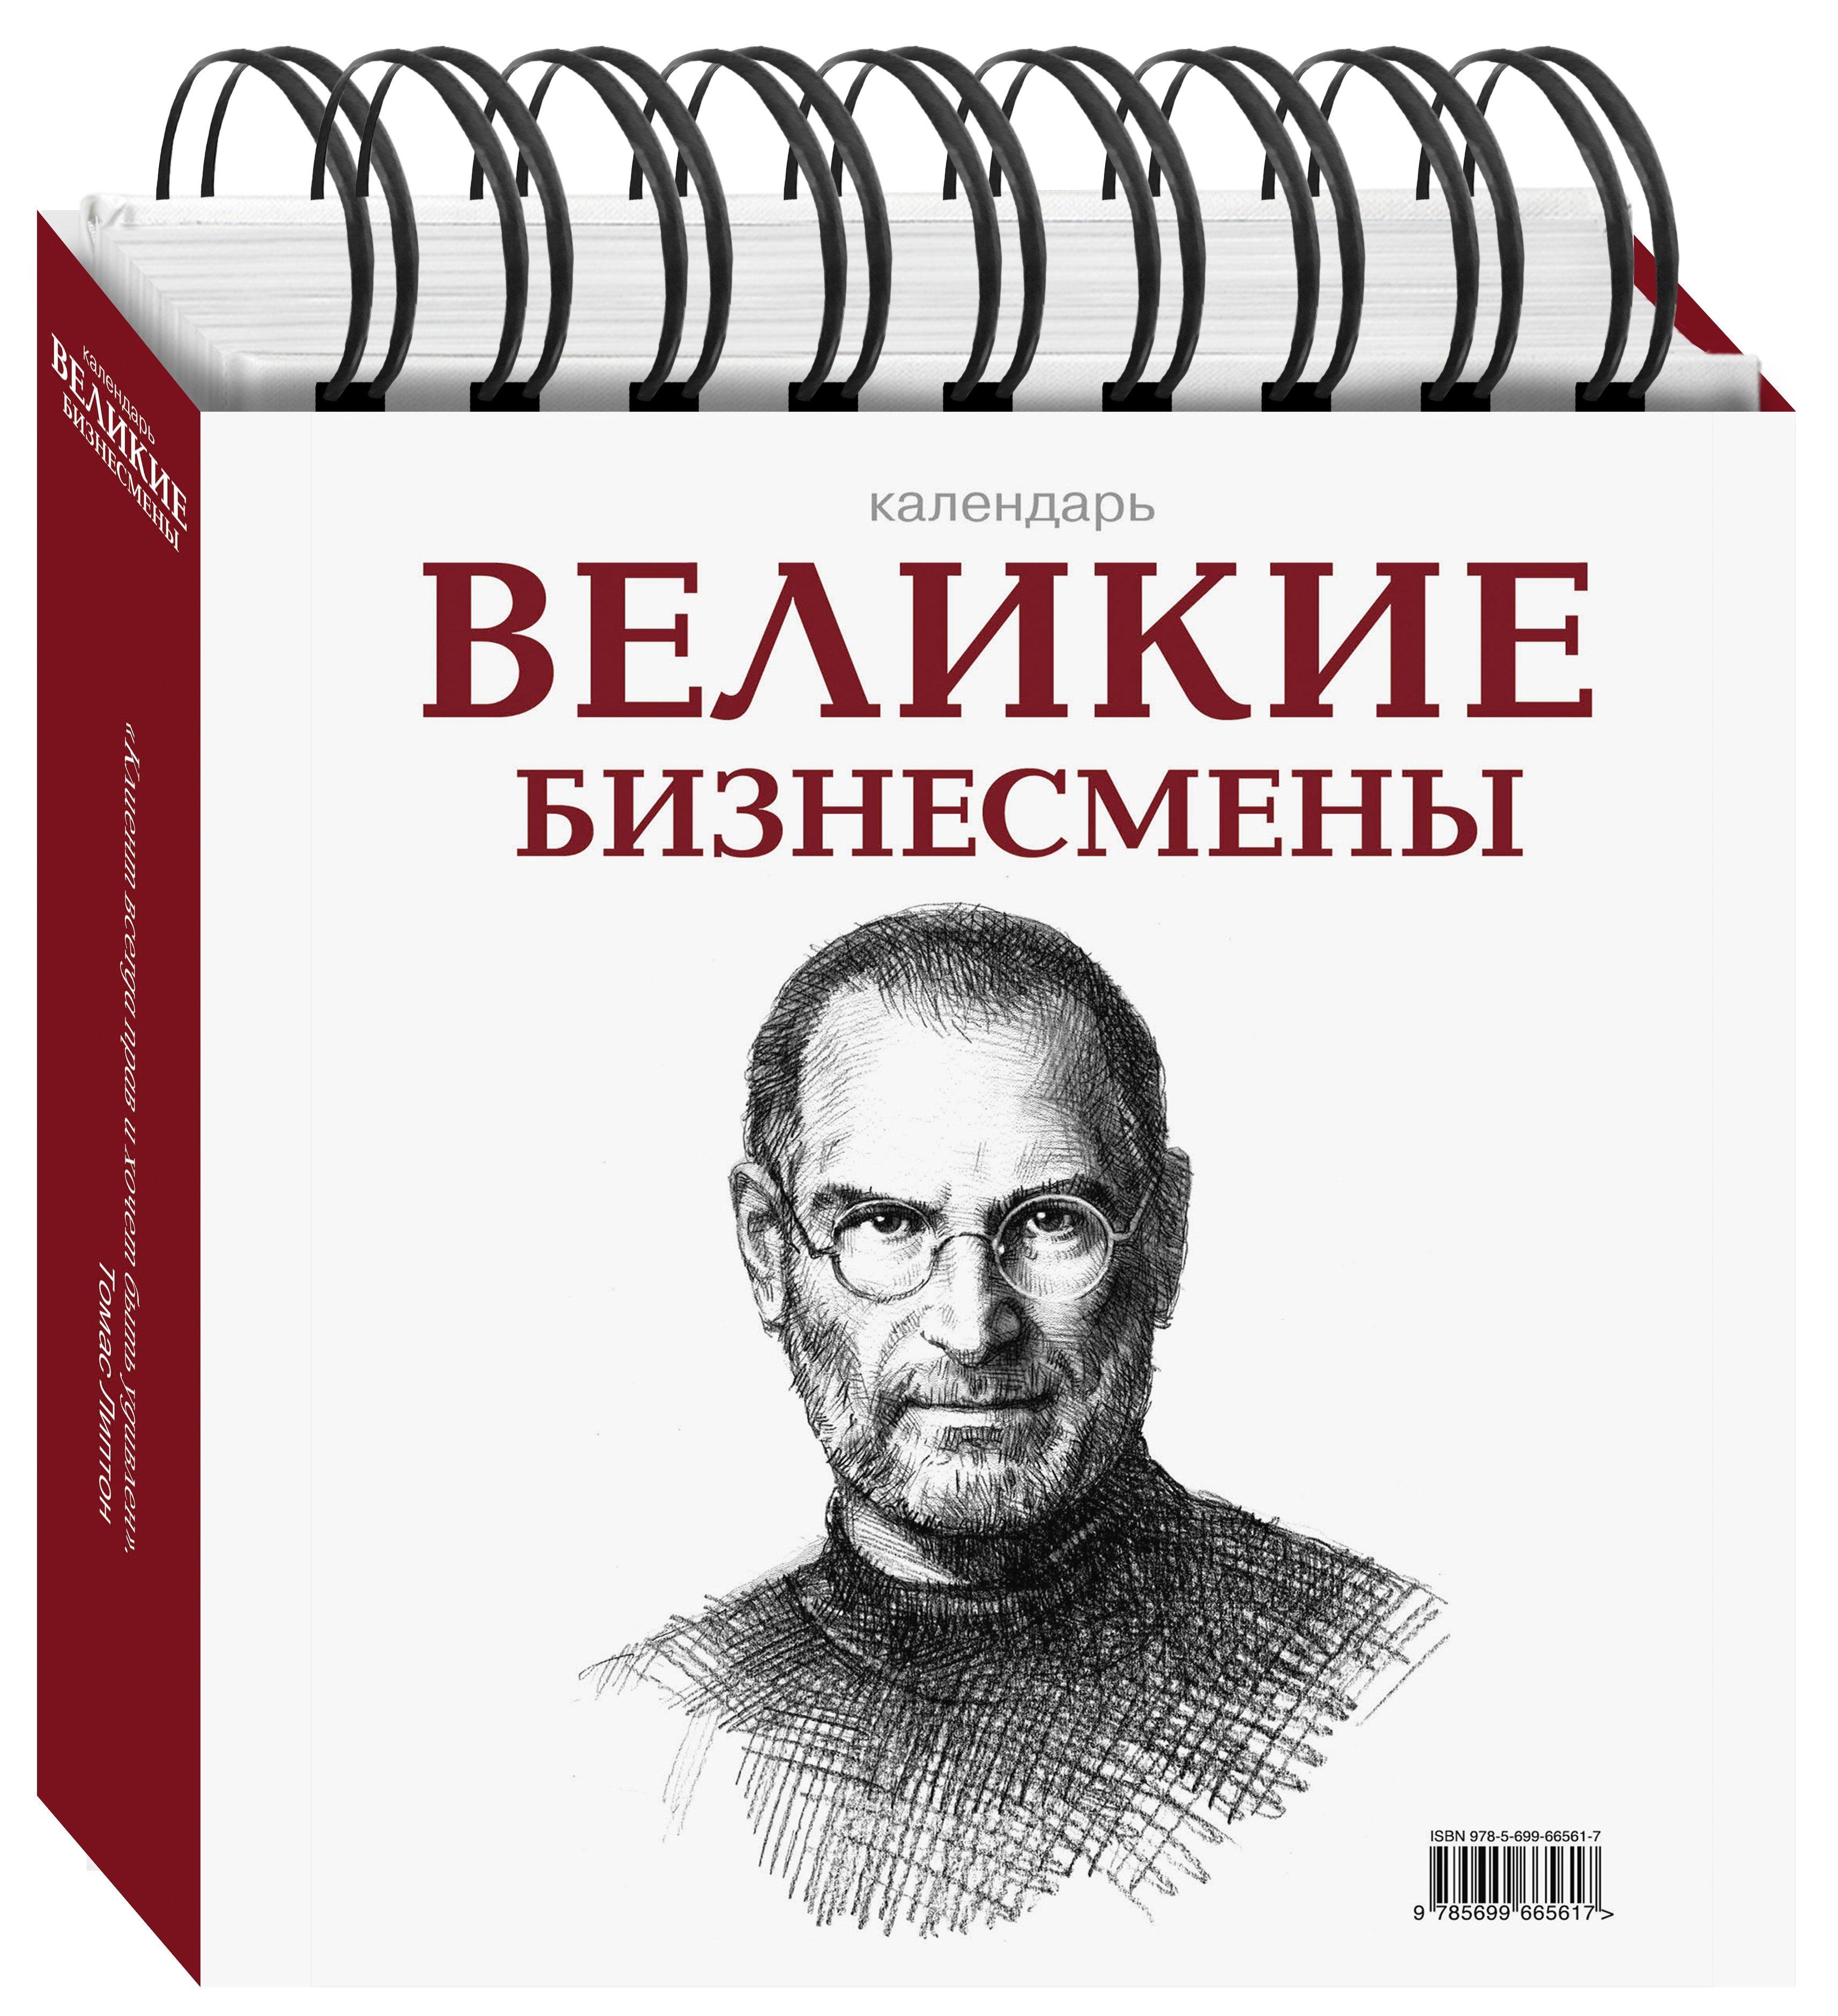 Великие бизнесмены (календарь настольный) ( Горбатюк Н.В.  )